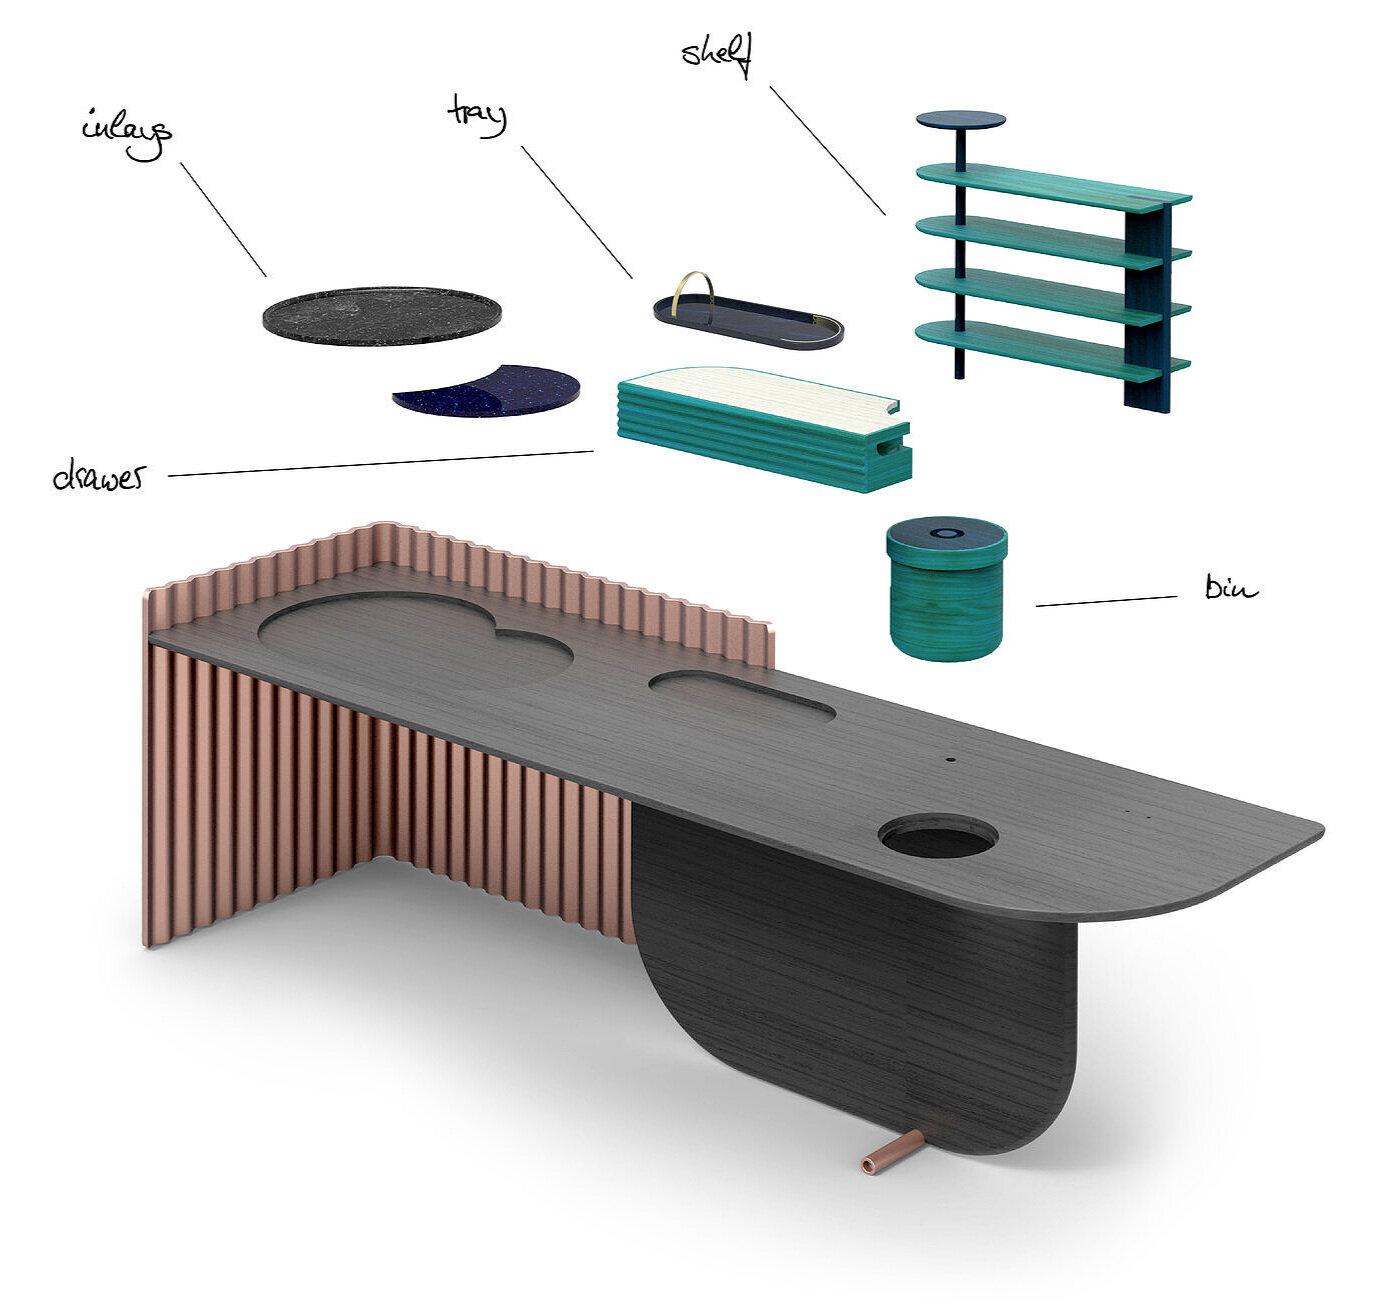 Erde+%26+Himmel_Concept_Furnitures_Kitchen2.jpg